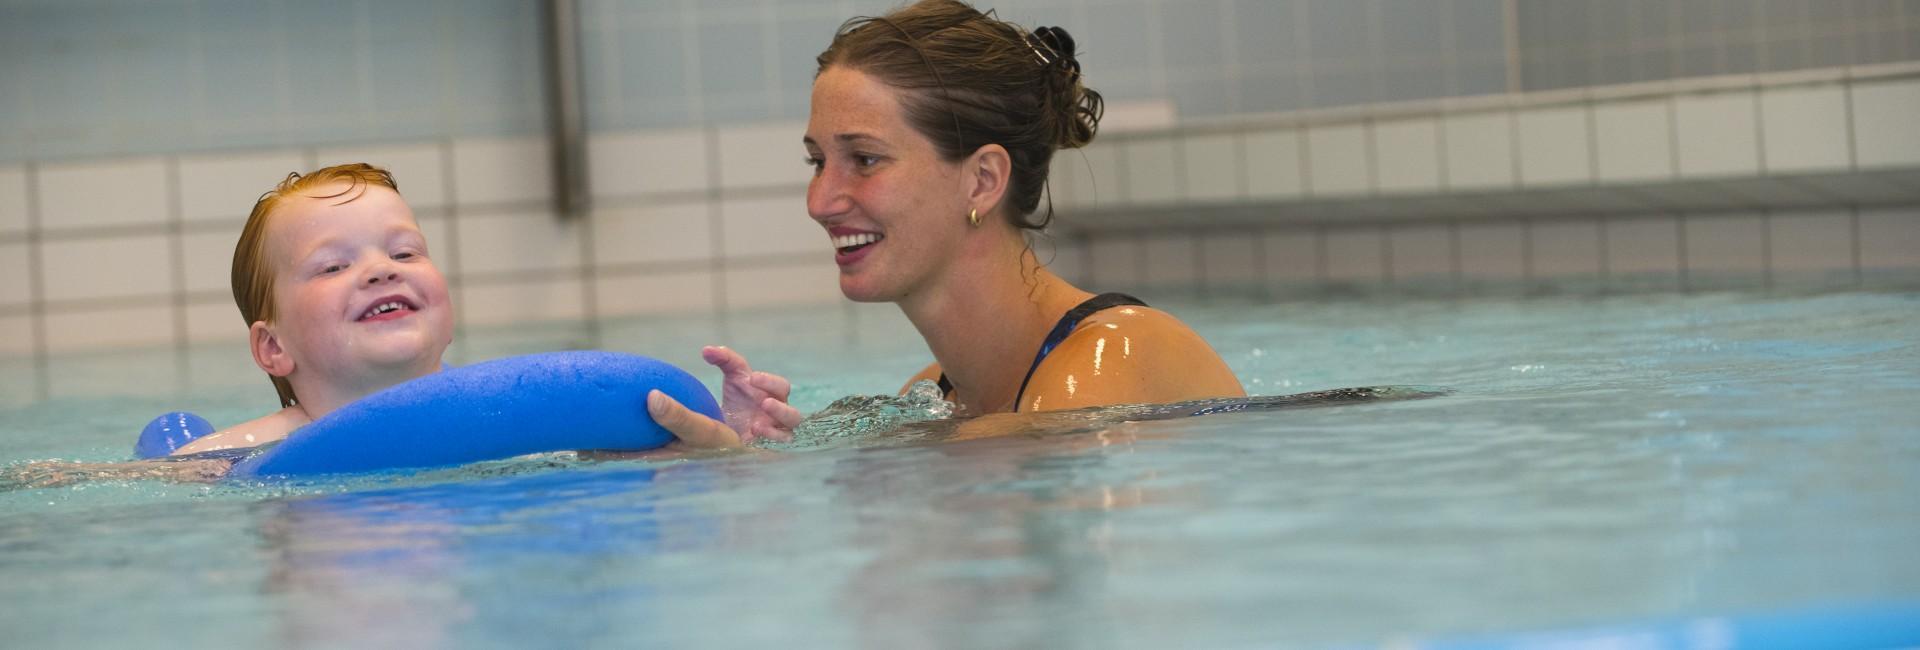 Zwemschool Hoofddorp